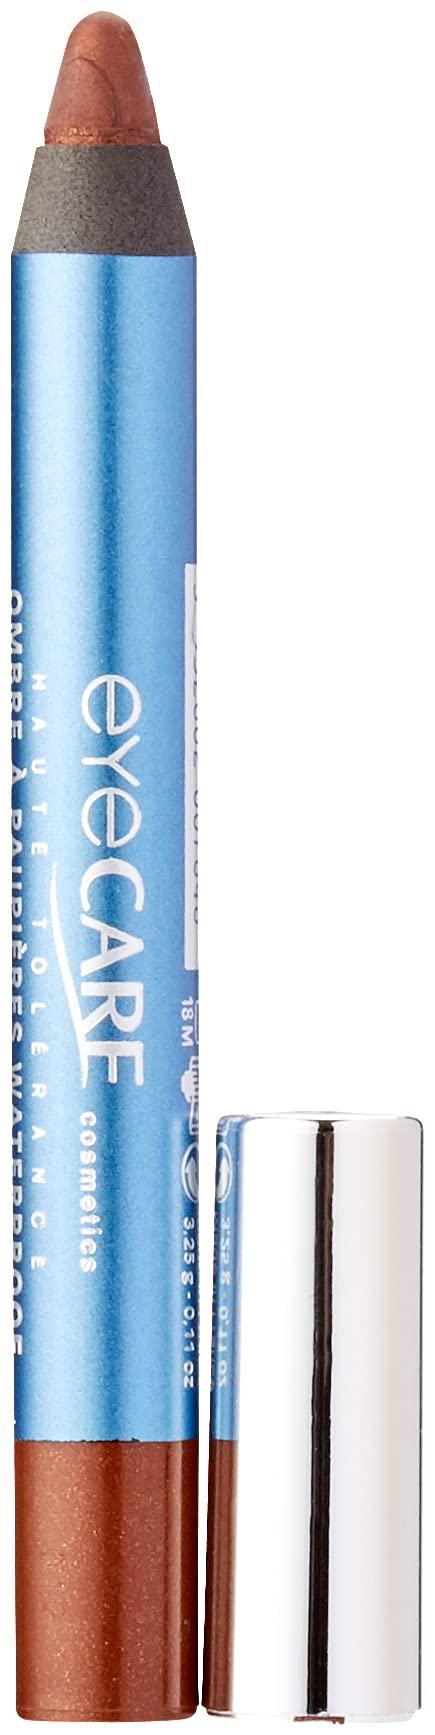 Eye Care Cosmetics Jumbo Waterproof Eyeshadow, Spice 3.25 g